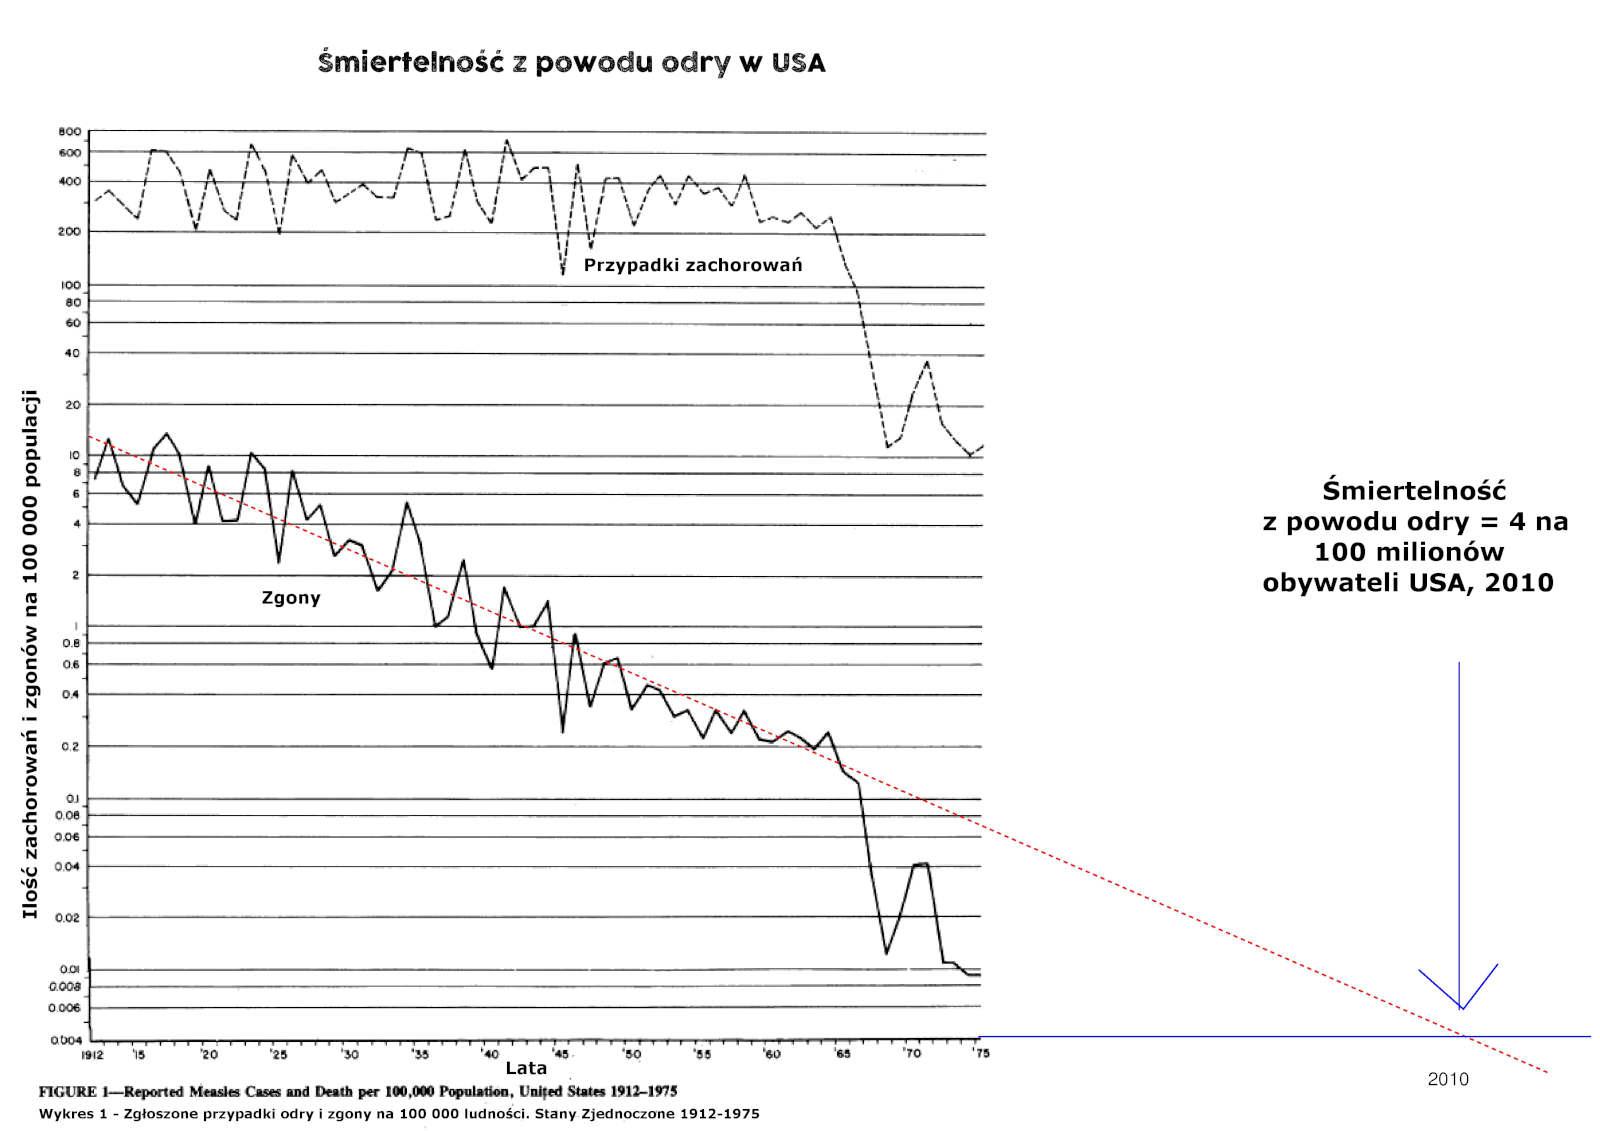 Śmiertelność z powodu odry w USA - do 2010 roku